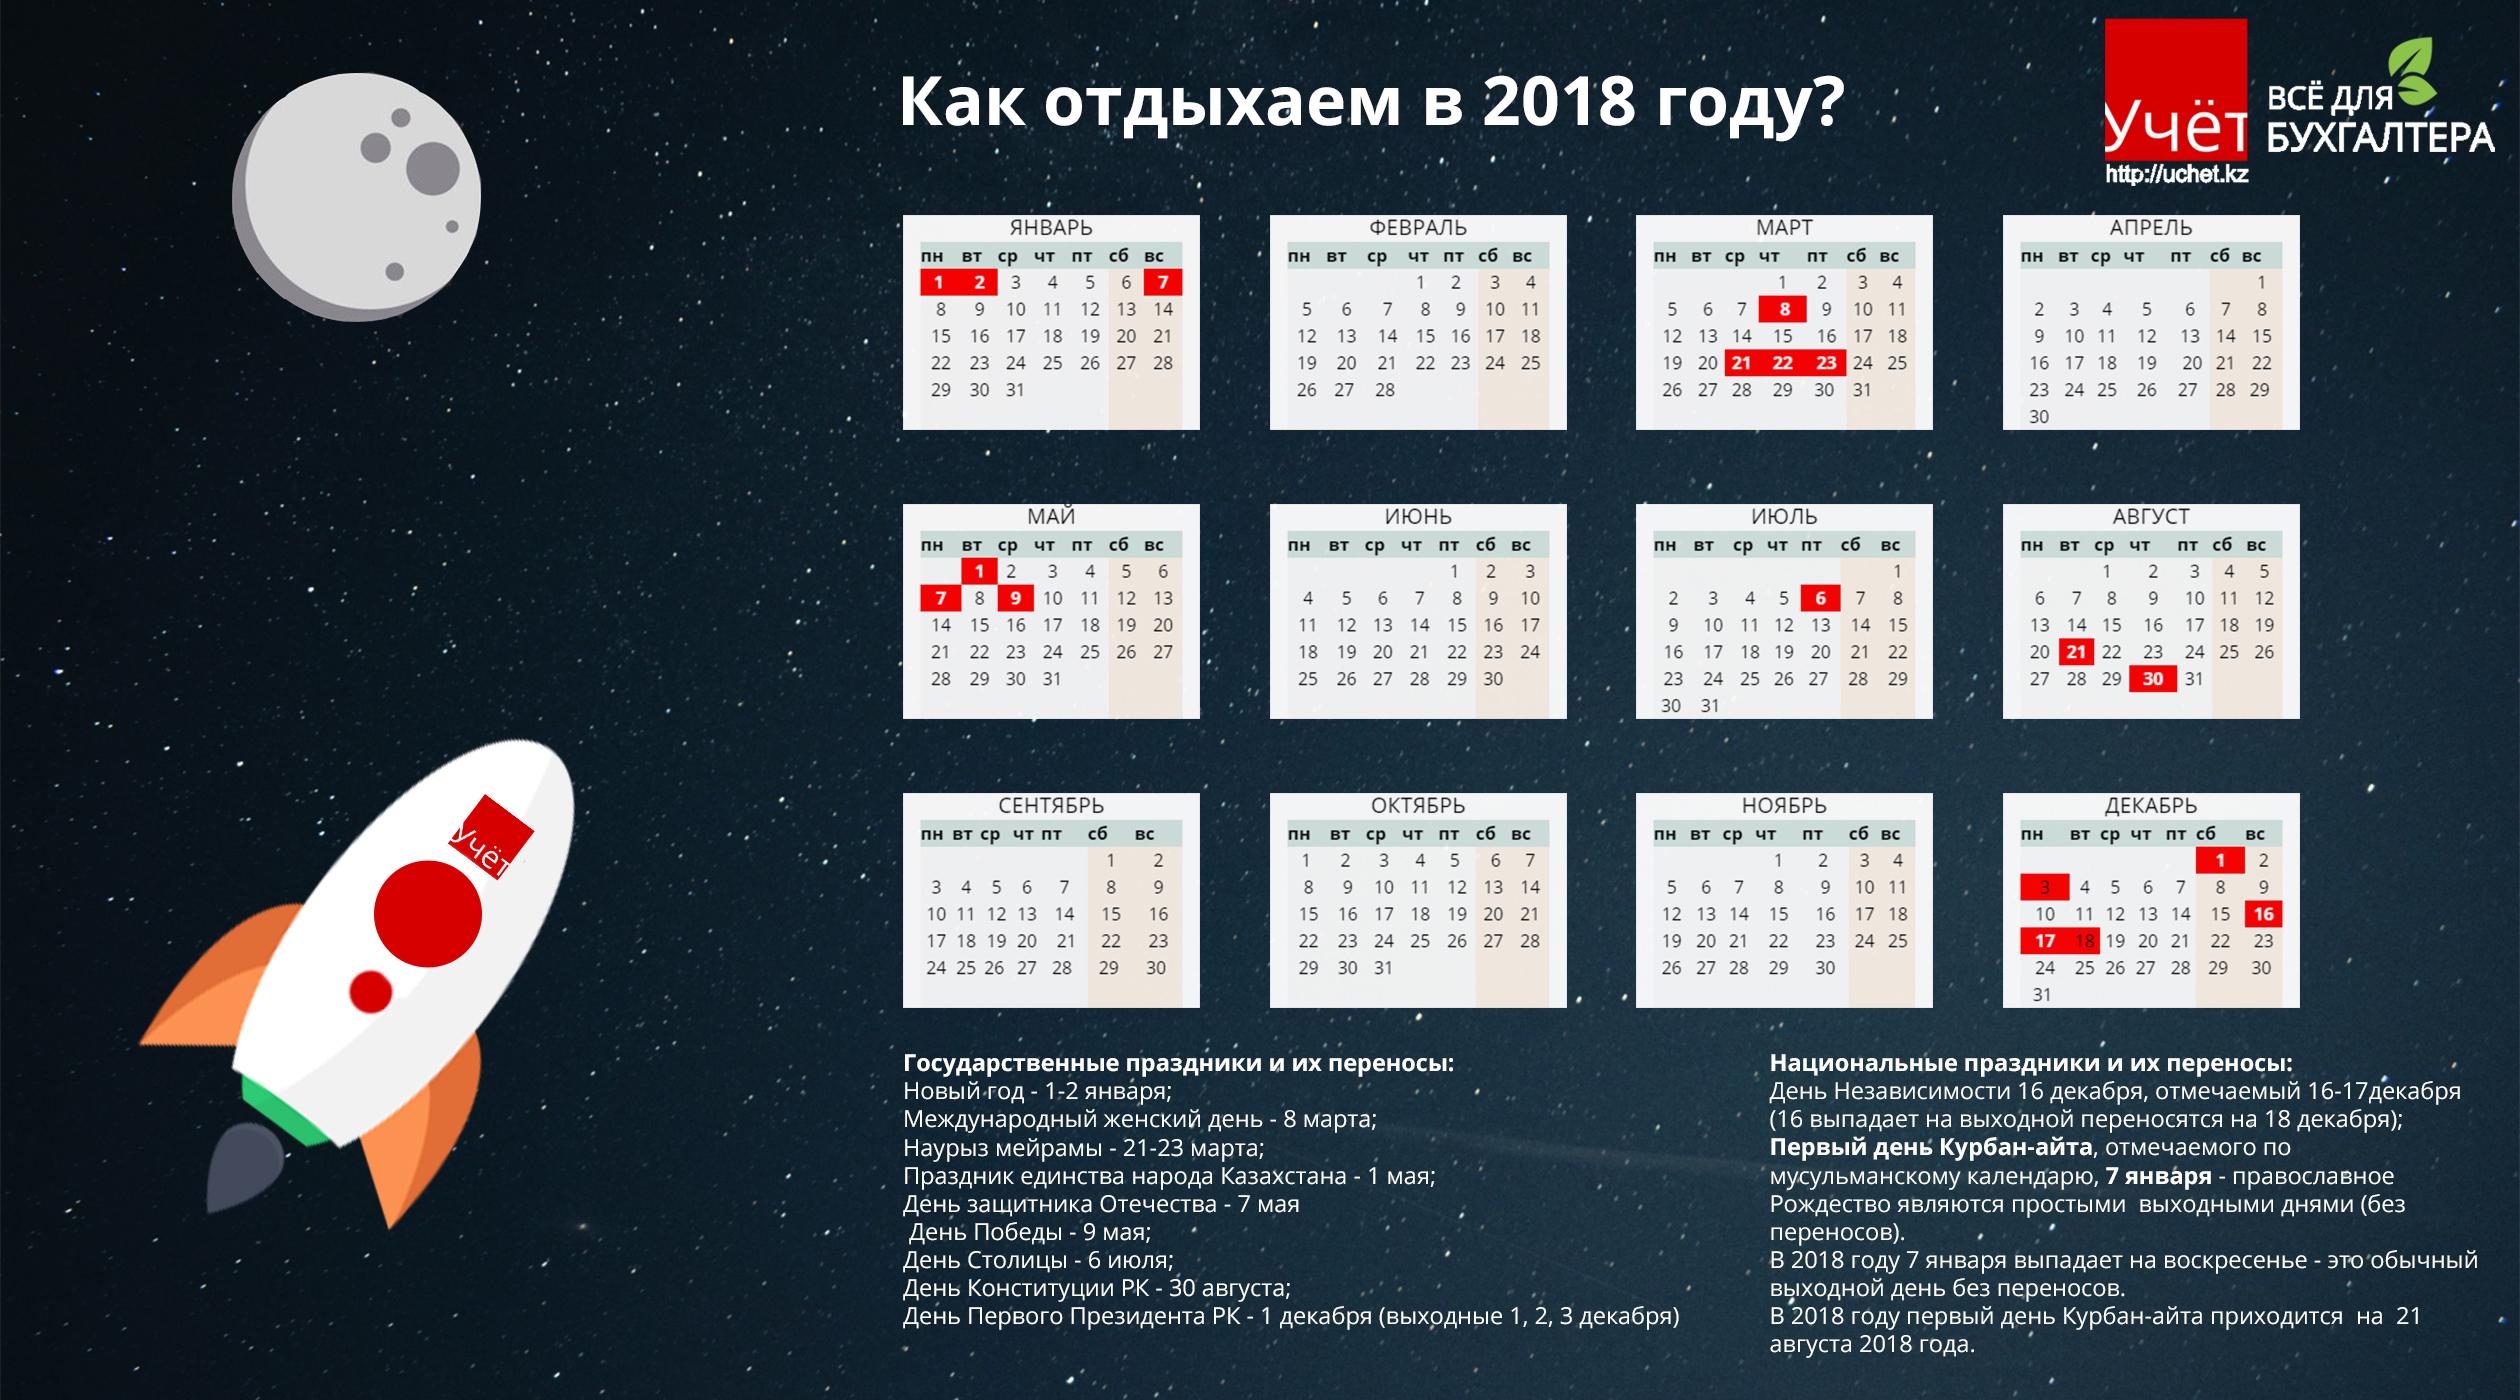 Праздники и выходные дни в июле 2019 года в России рекомендации